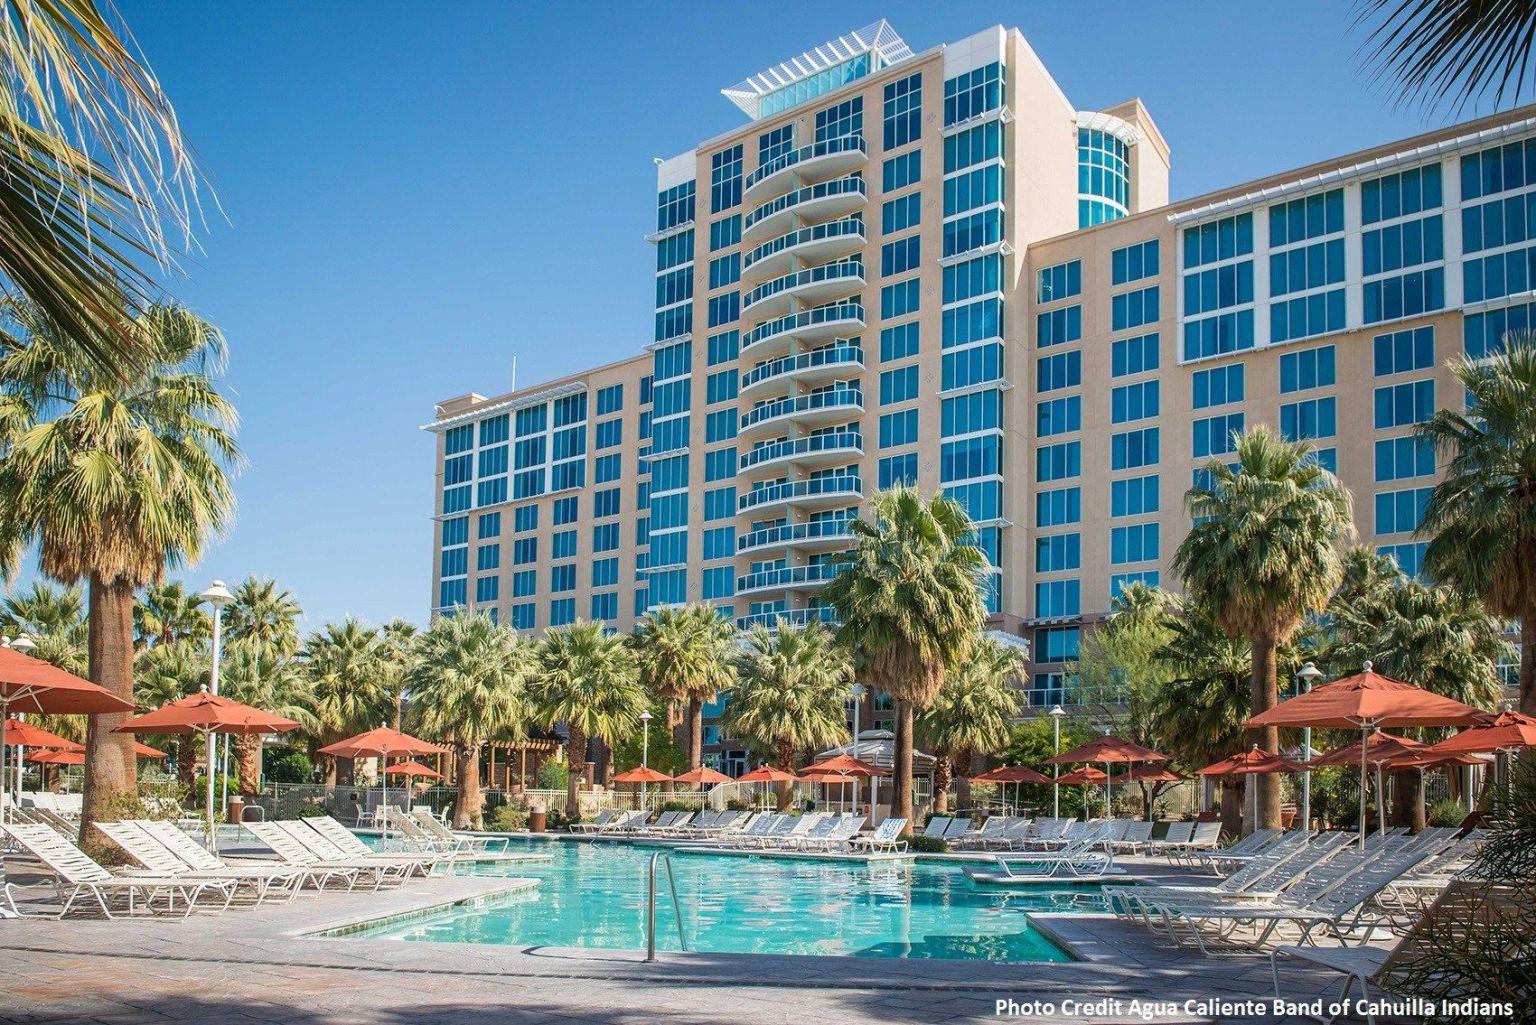 Agua Caliente Casinos host job fair Thursday